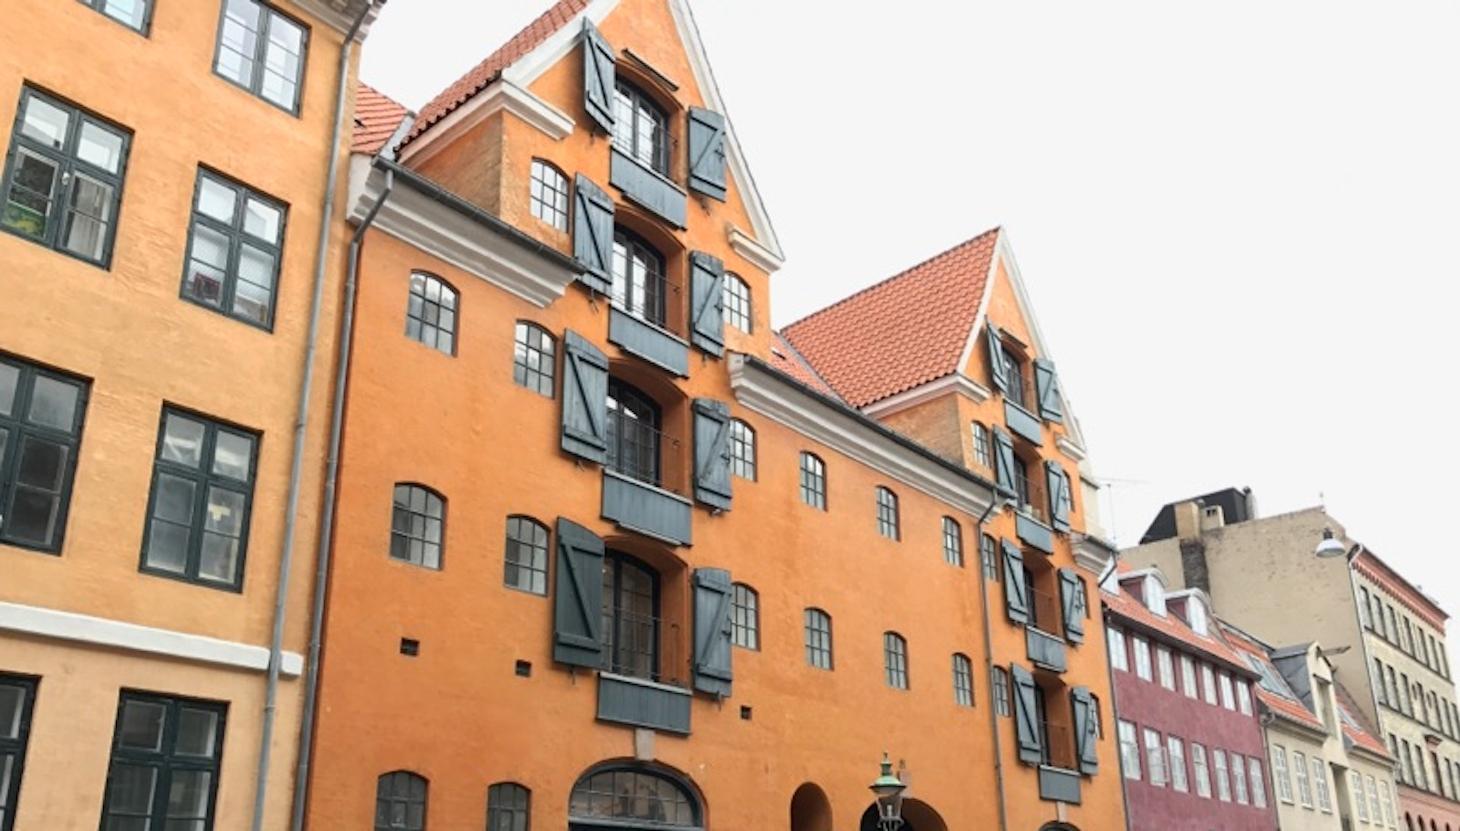 Kontorpladser til leje på Christianshavn